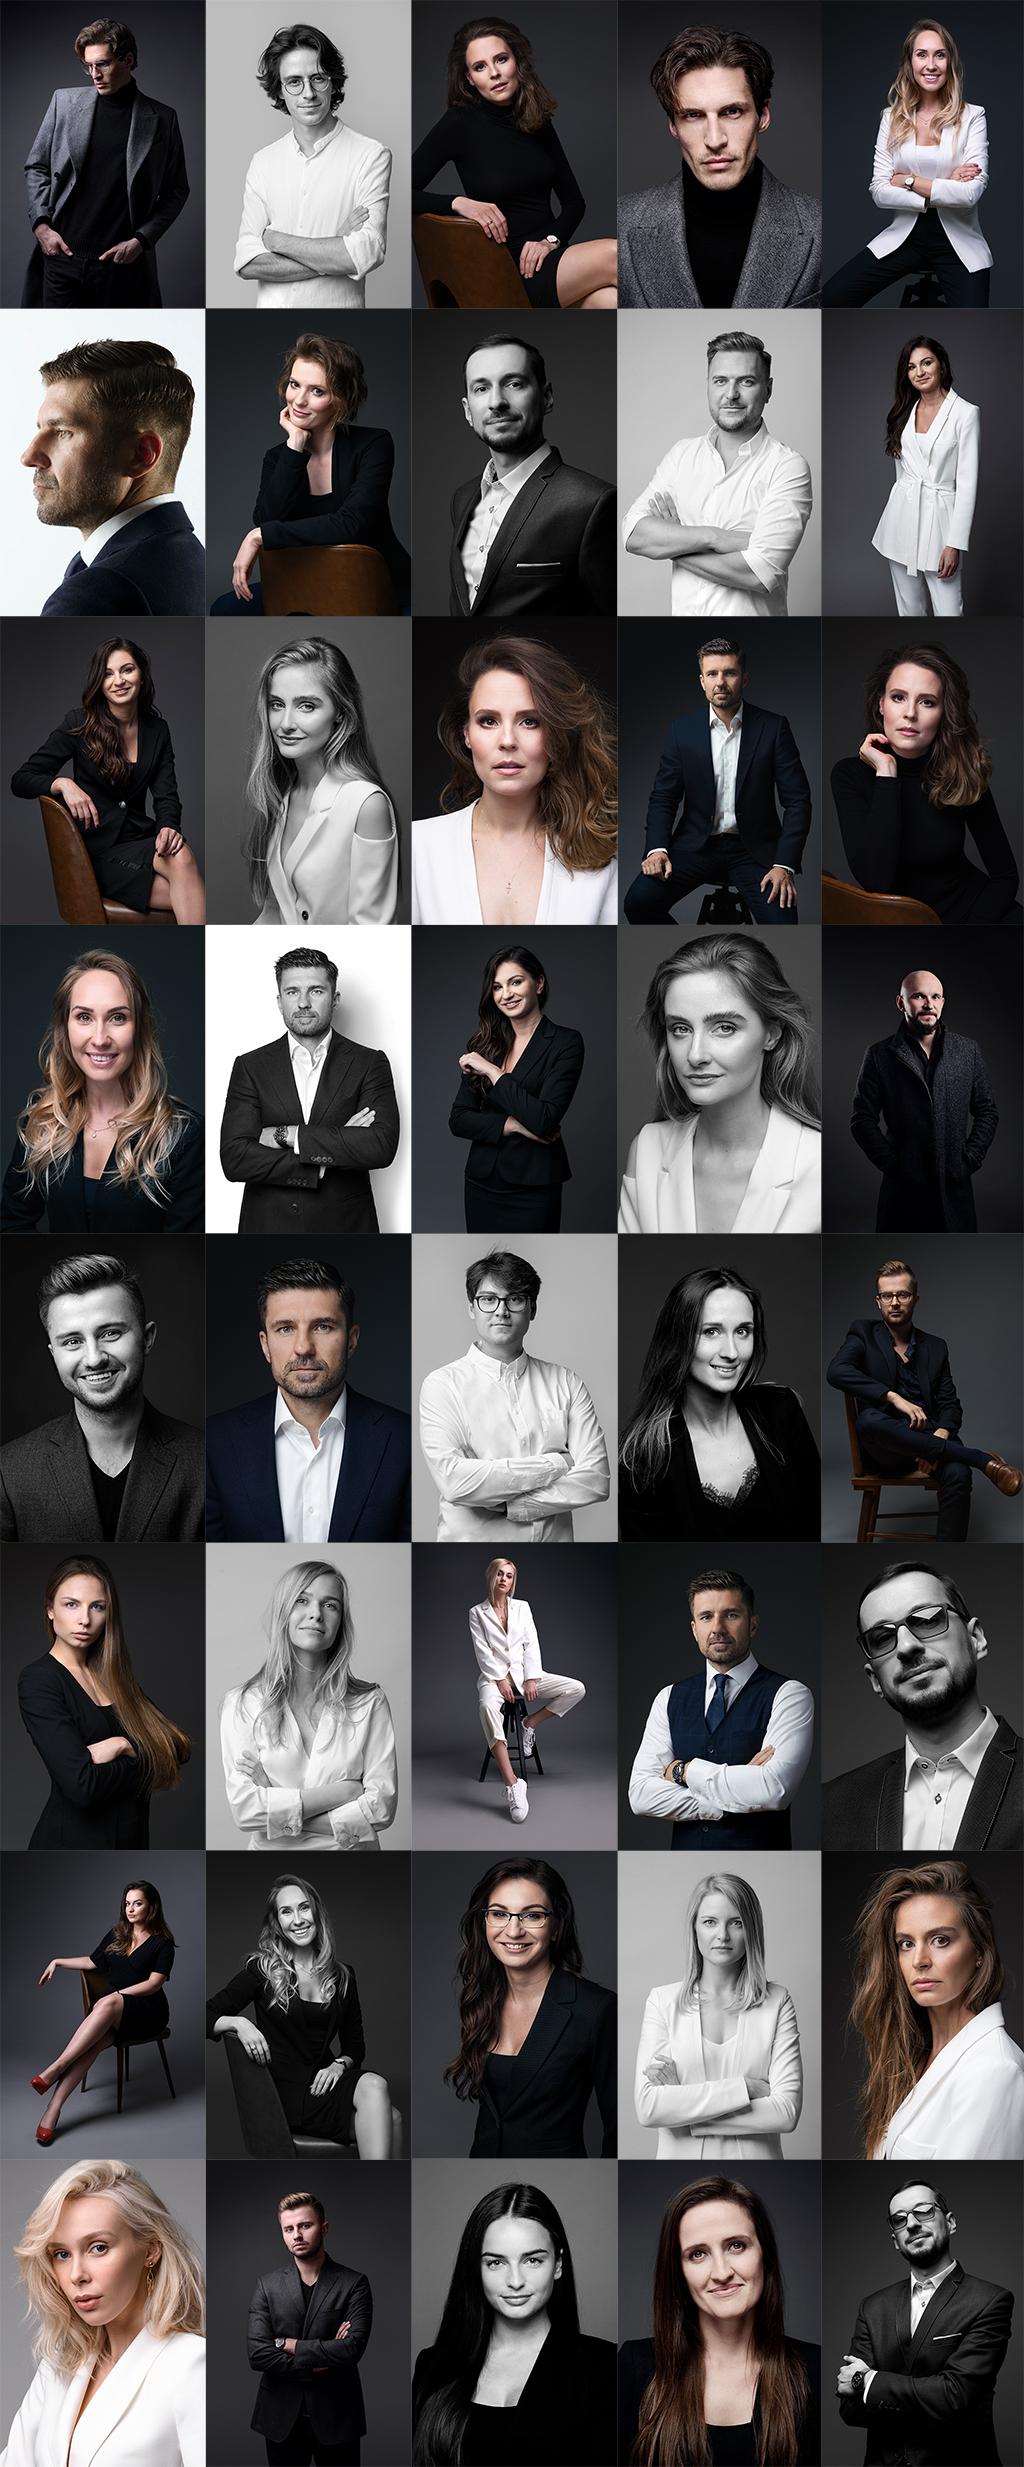 portrety-biznes-zbiorowe2x